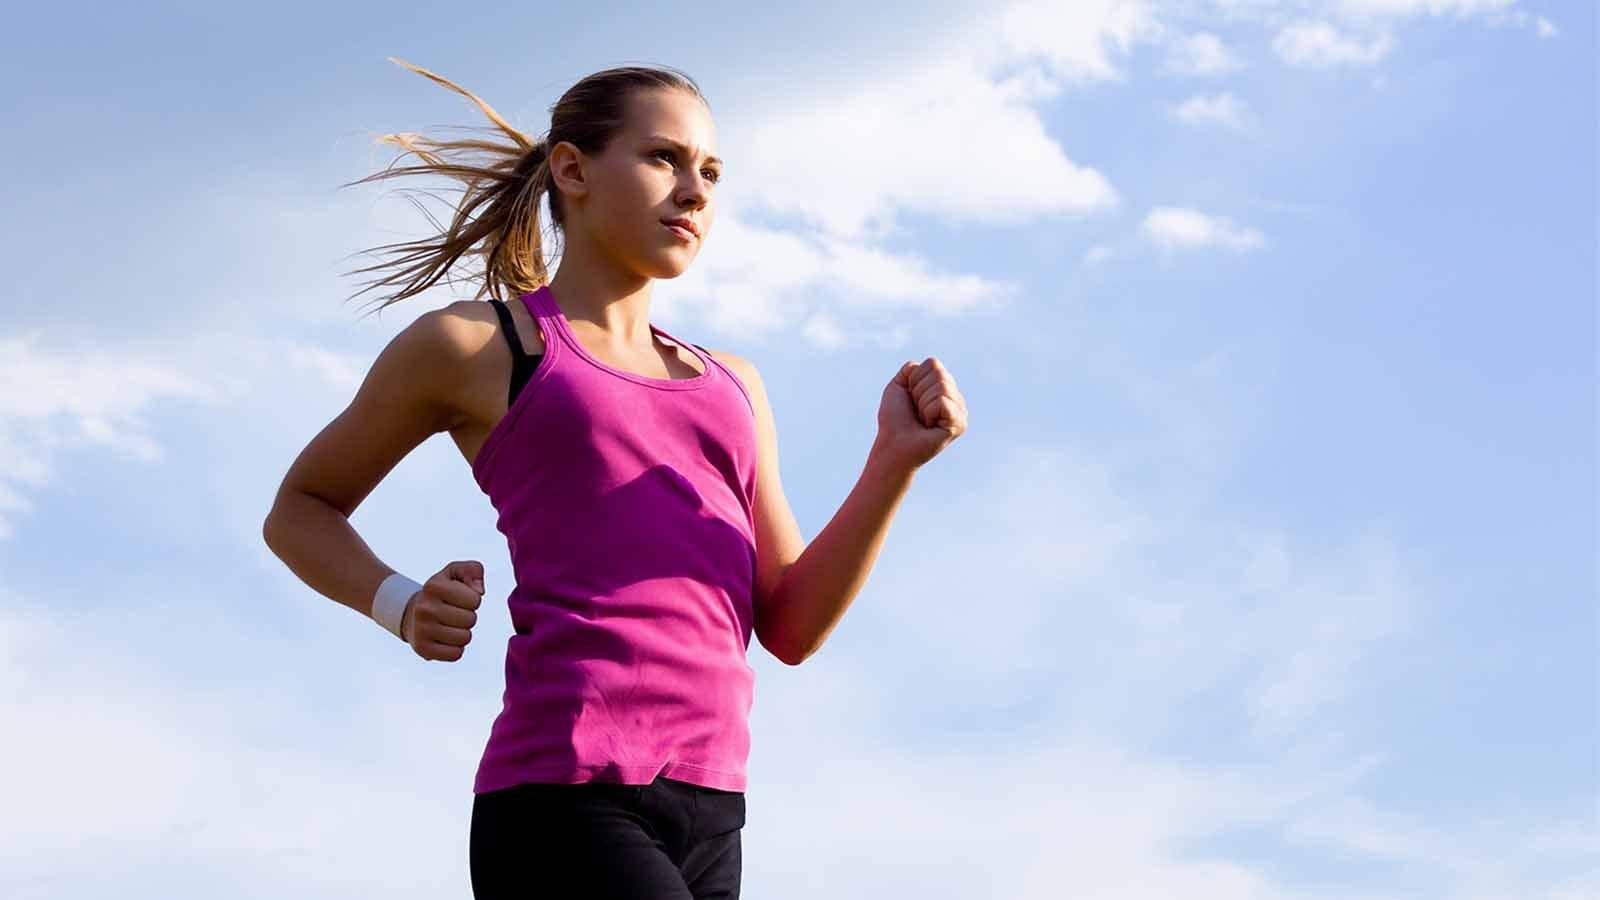 Sport an heißen Tagen: Wer nicht schwitzt, riskiert Hitzekollaps